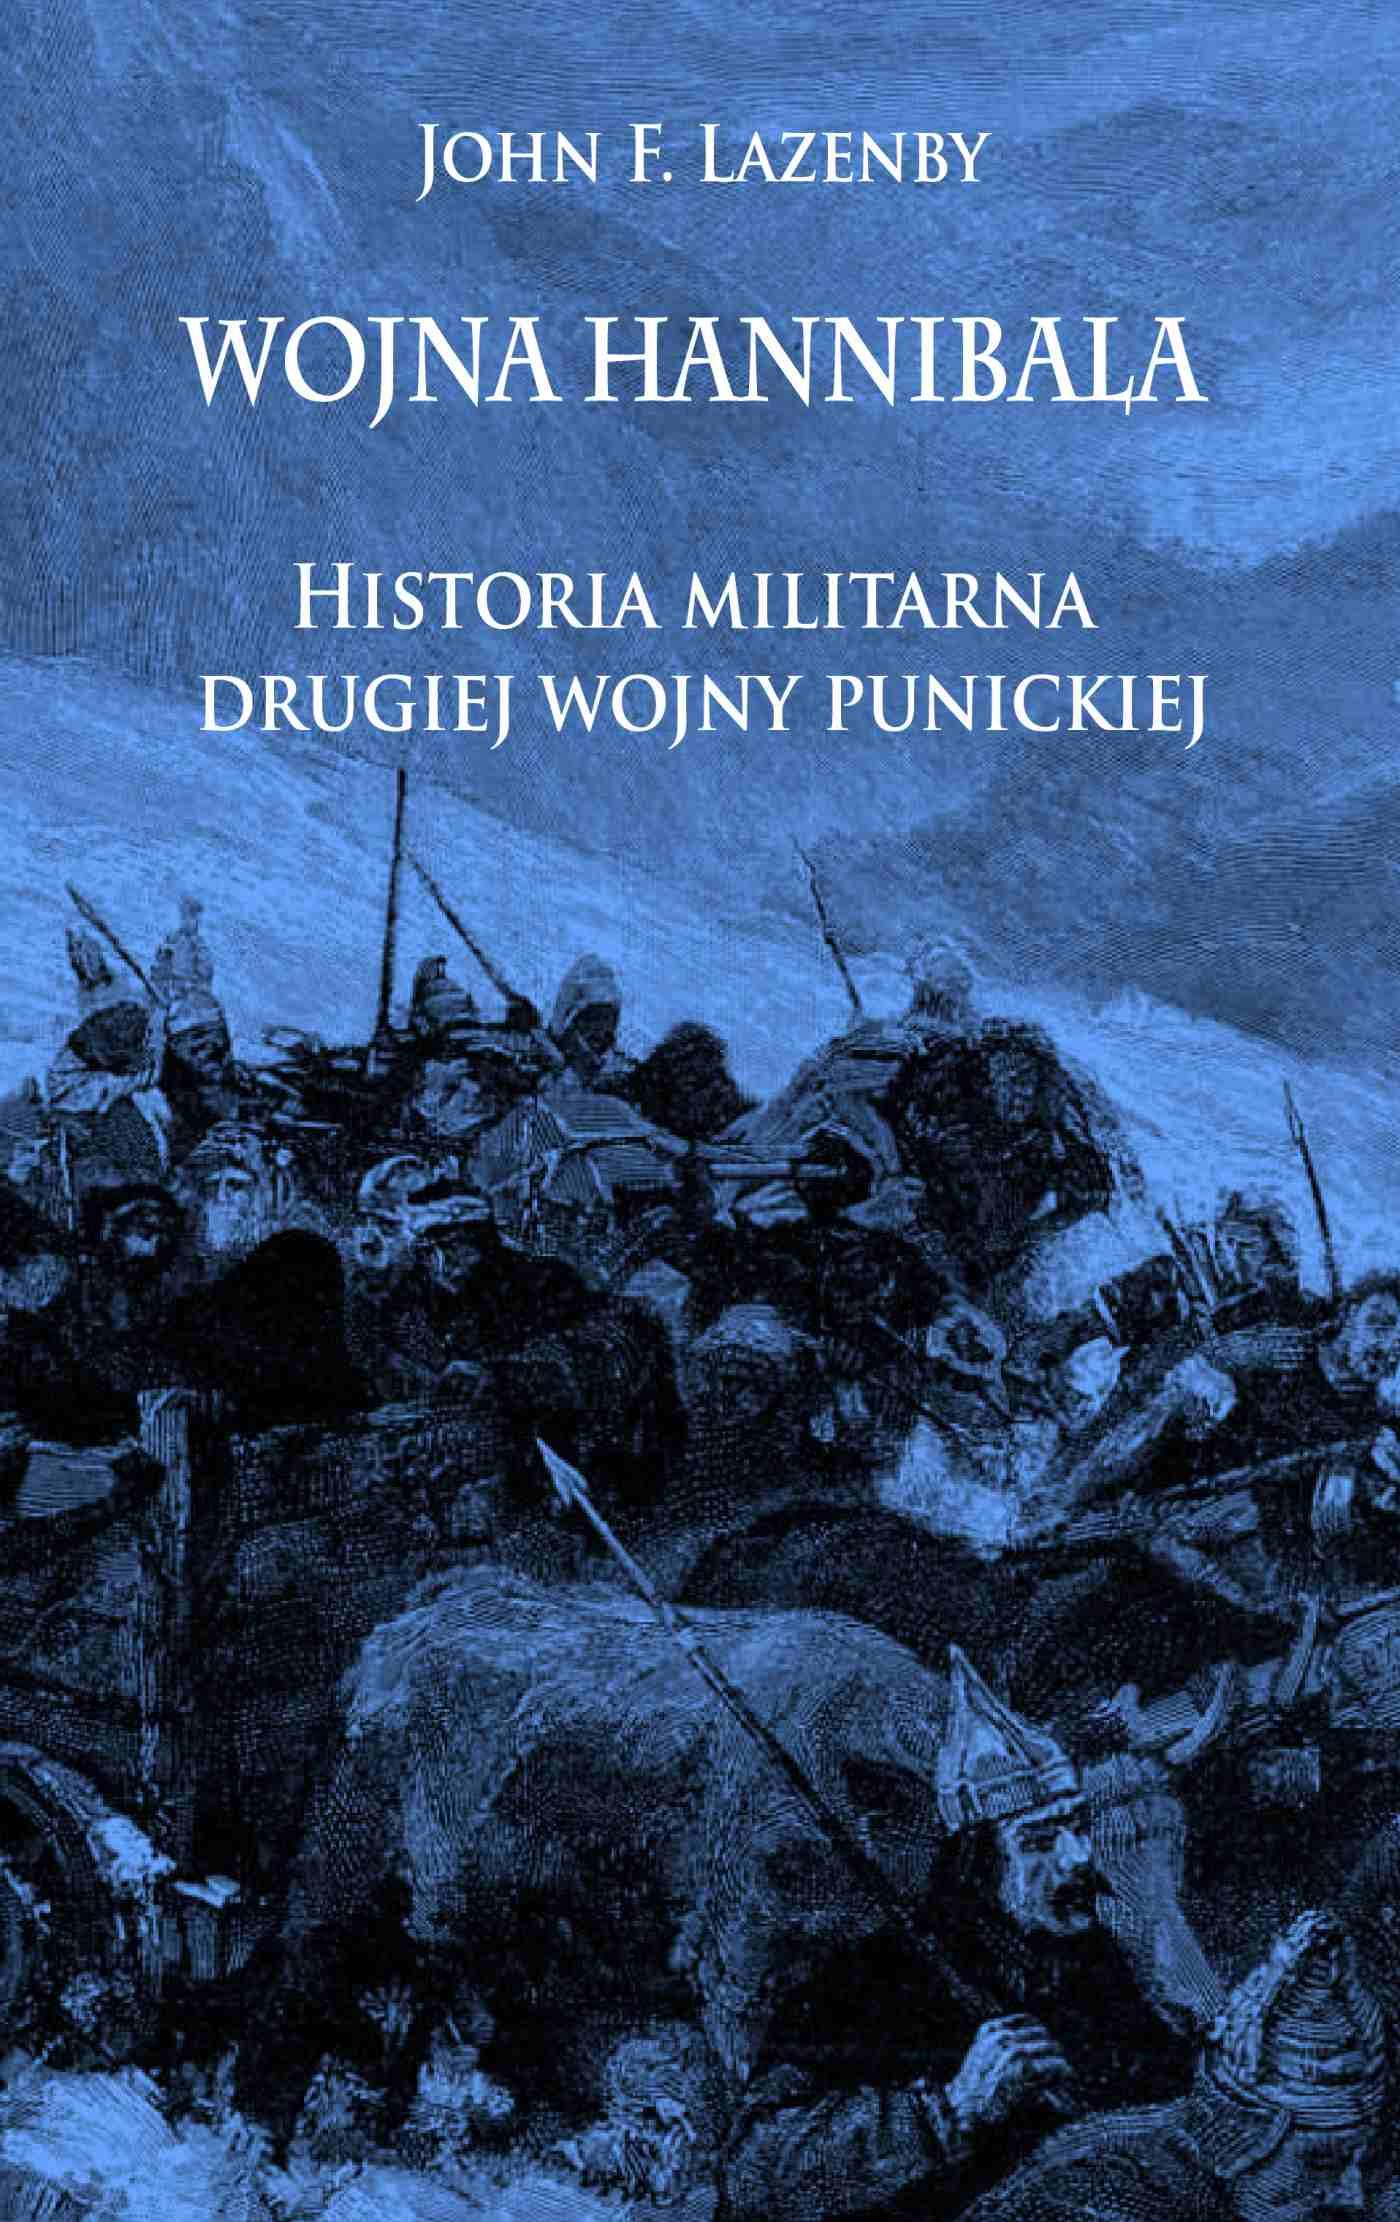 Wojna Hannibala. Historia militarna drugiej wojny punickiej - Ebook (Książka EPUB) do pobrania w formacie EPUB